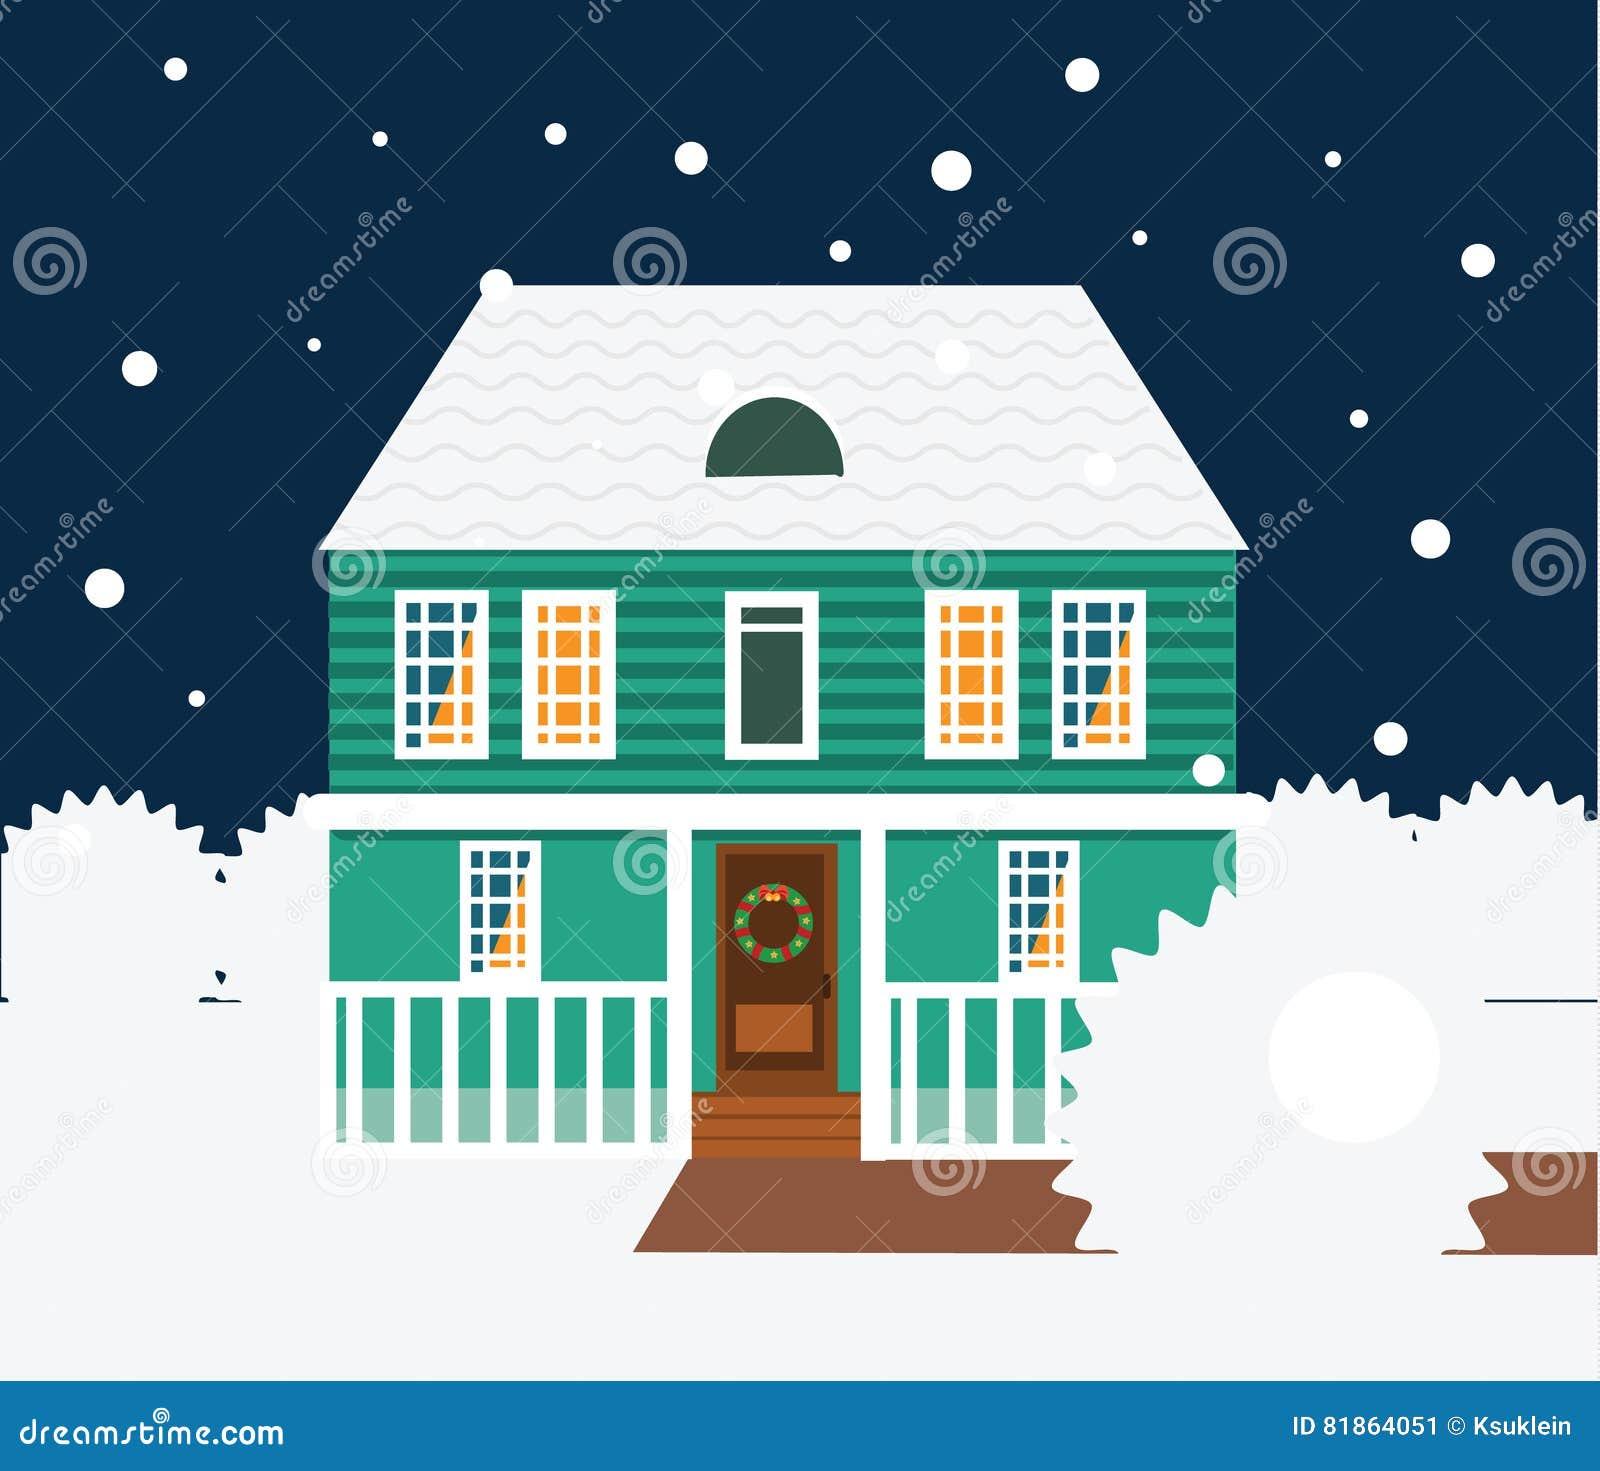 De nachtscène van de onroerende goederenwinter Huis, plattelandshuisje, huis in de stad, zoete huis vectorillustratie